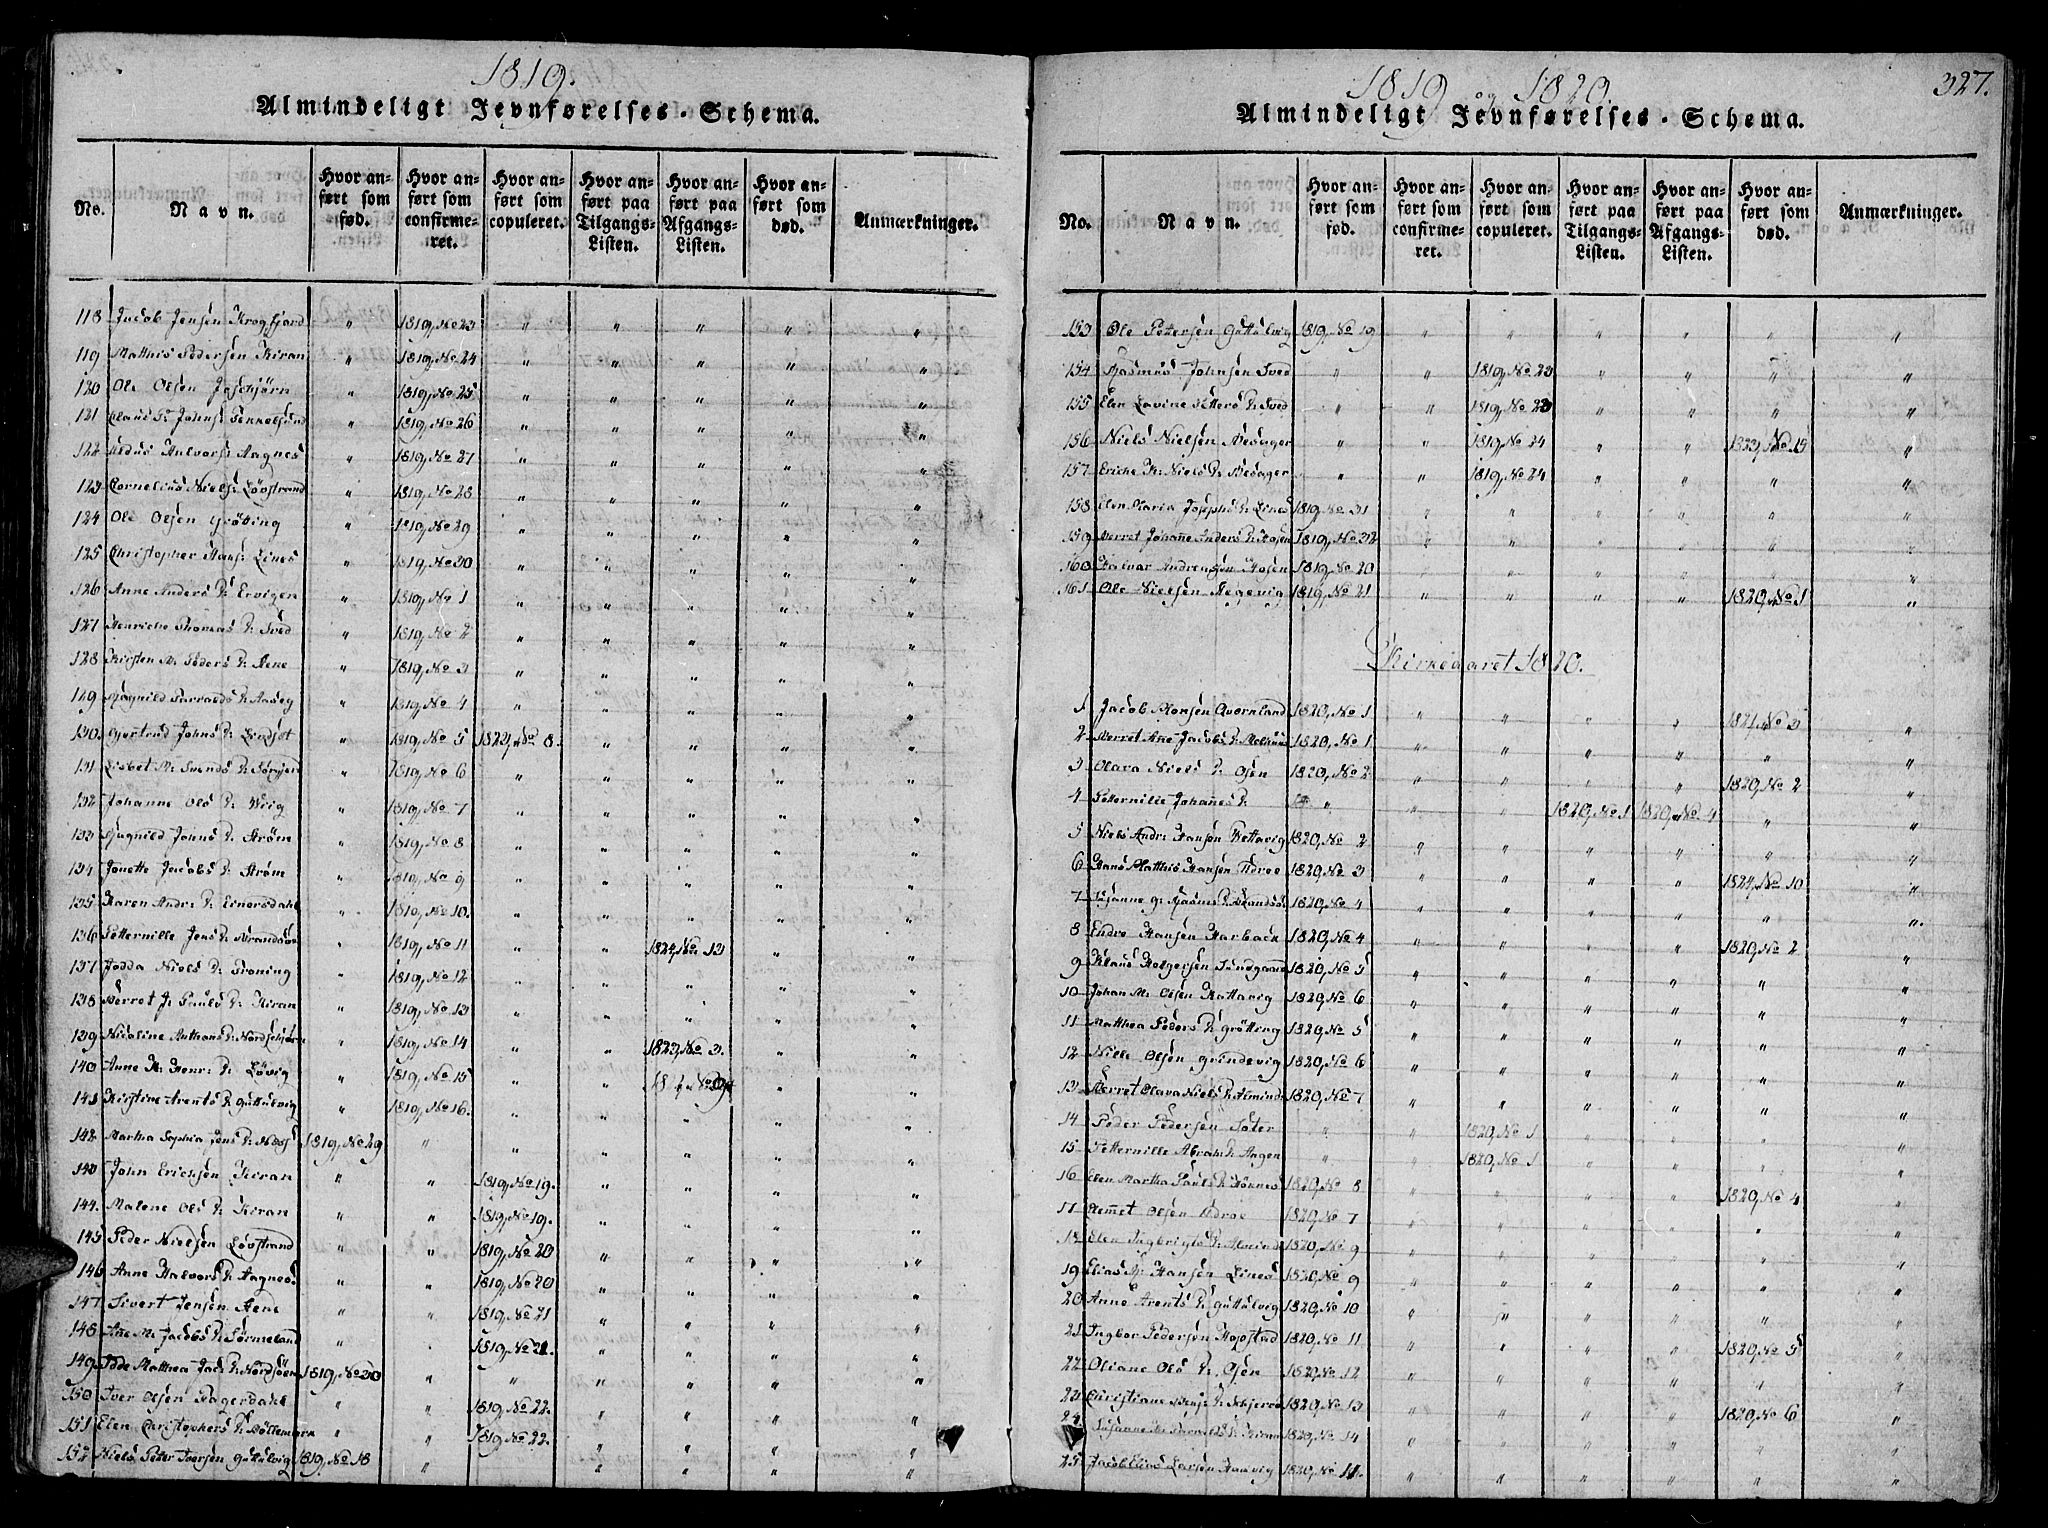 SAT, Ministerialprotokoller, klokkerbøker og fødselsregistre - Sør-Trøndelag, 657/L0702: Ministerialbok nr. 657A03, 1818-1831, s. 327